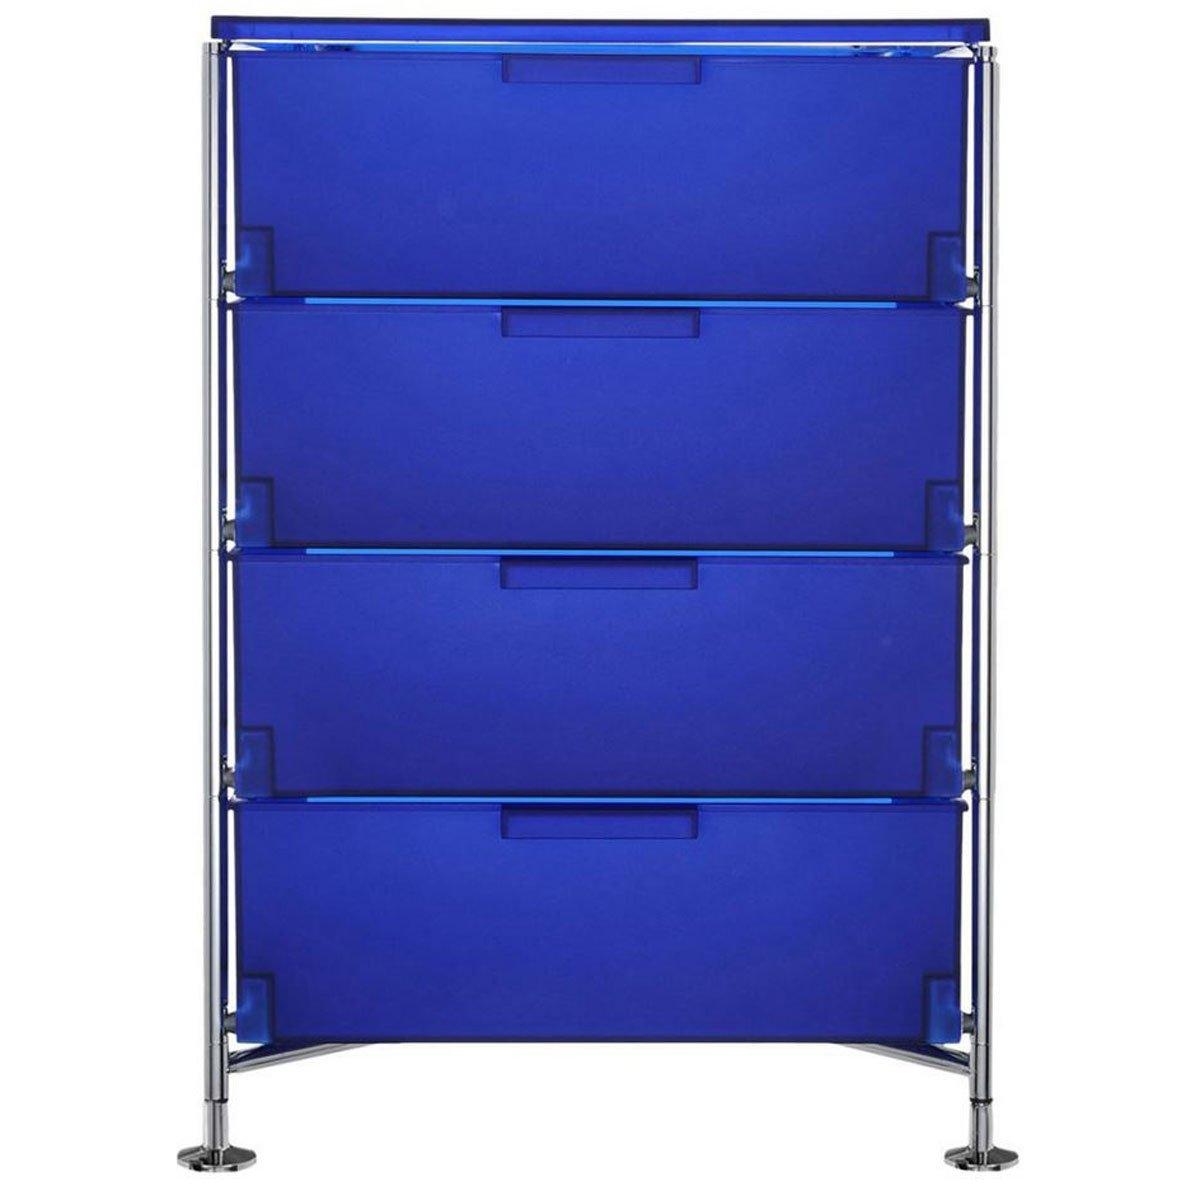 Kartell 2335L7 Container Mobil, 4 Schubladen, blau